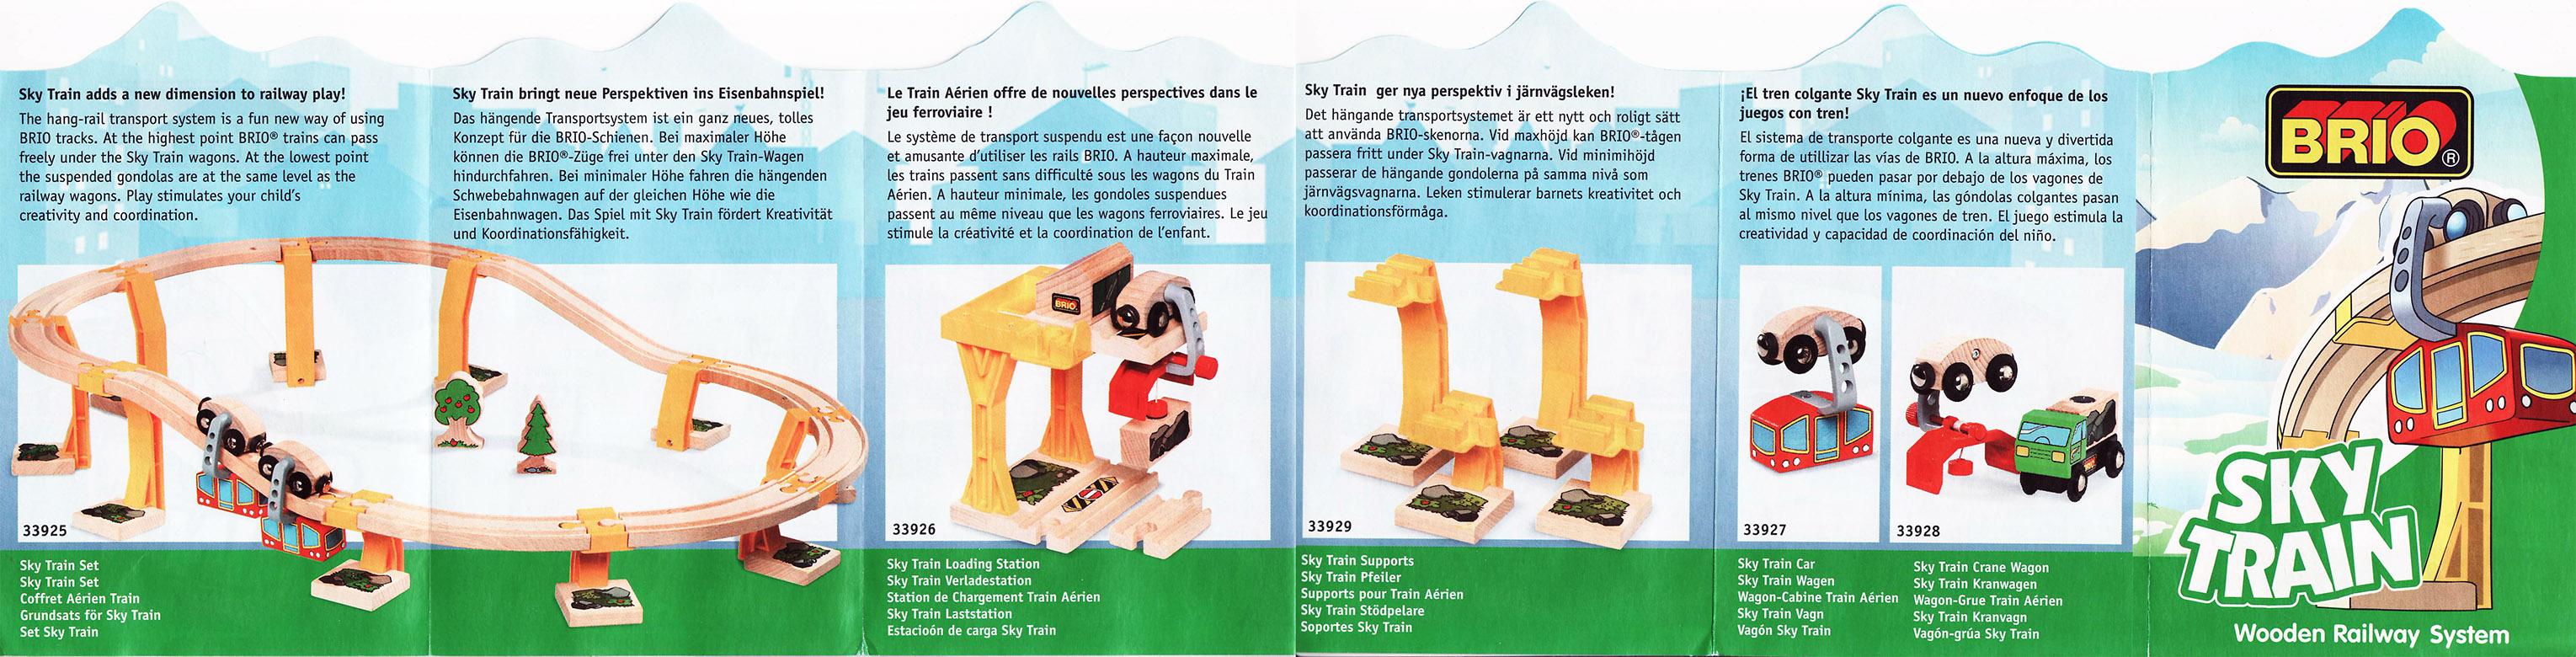 Brio Train Track Dimensions